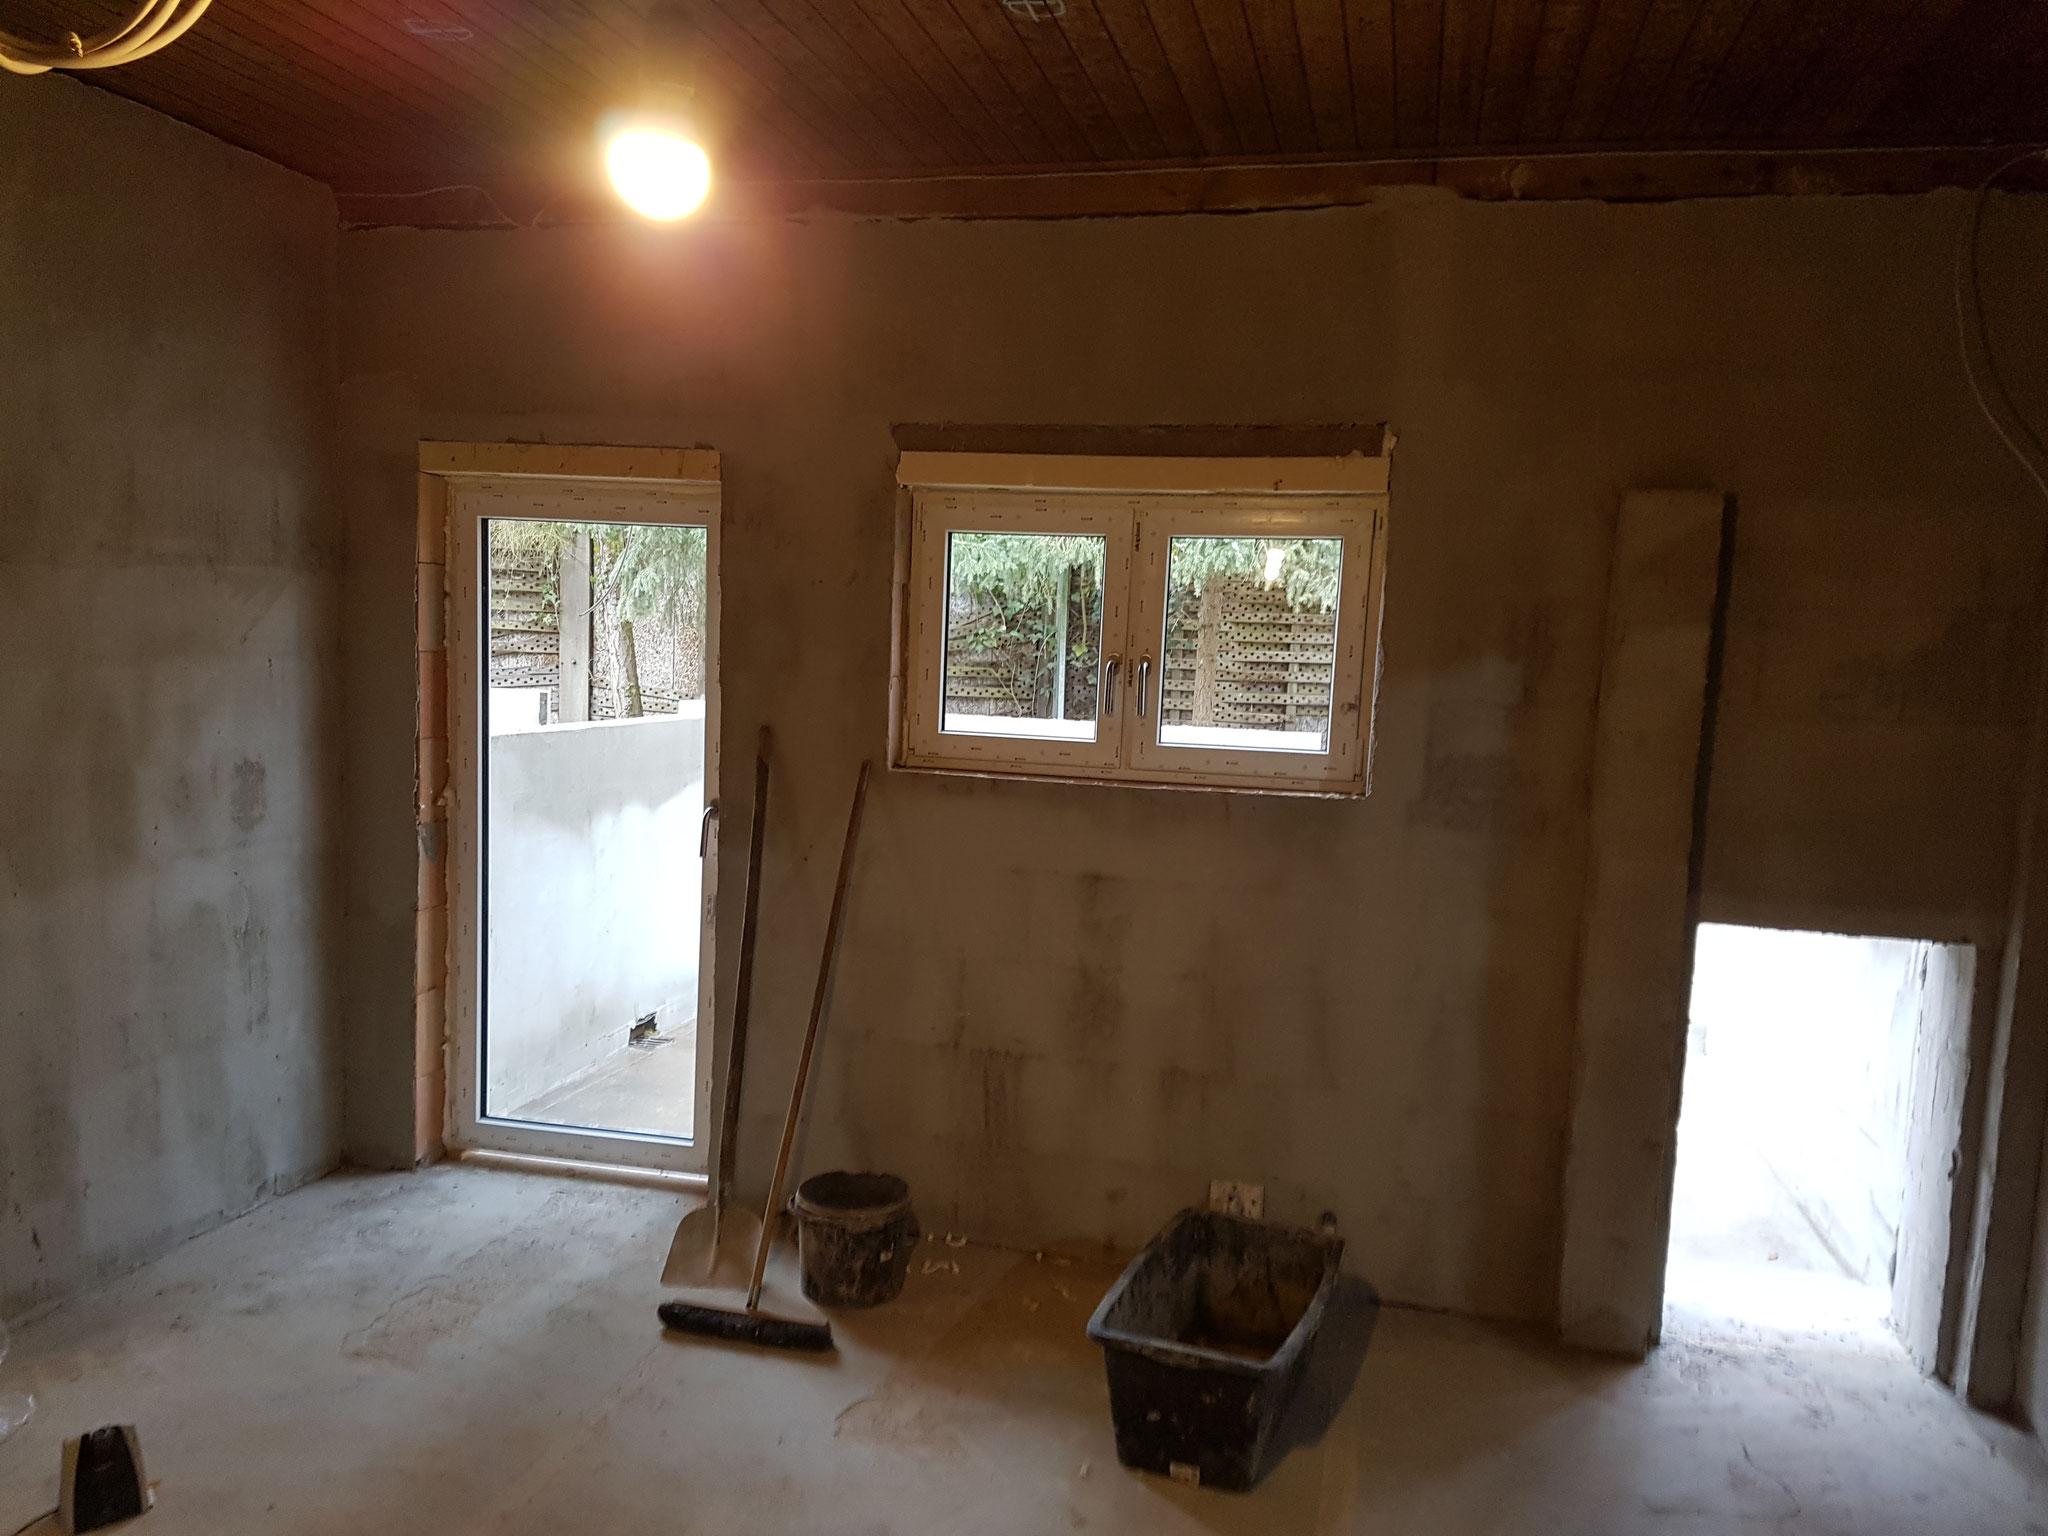 Die Türen und Fenster werden aktuell eingesetzt.